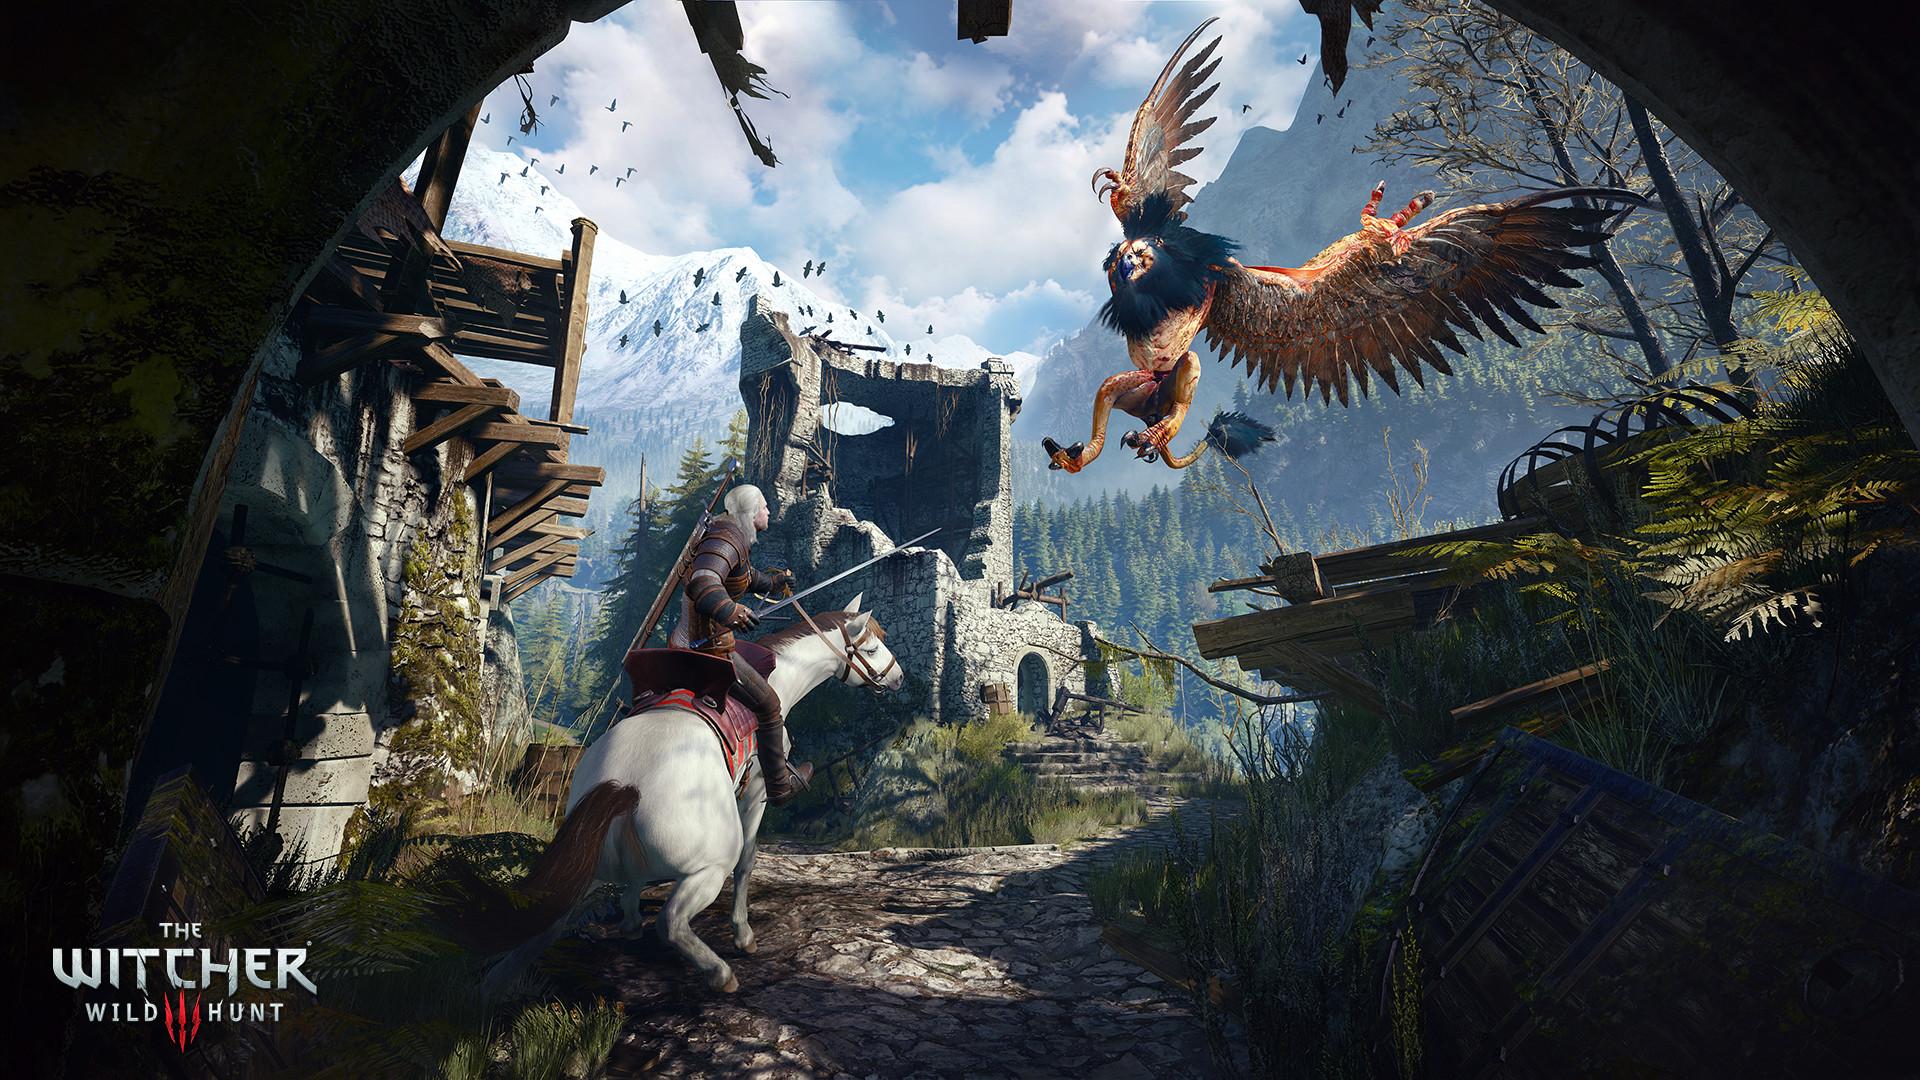 (한글)더 위쳐3(The Witcher 3) DLC블러드 RPG 액션 마법 중세